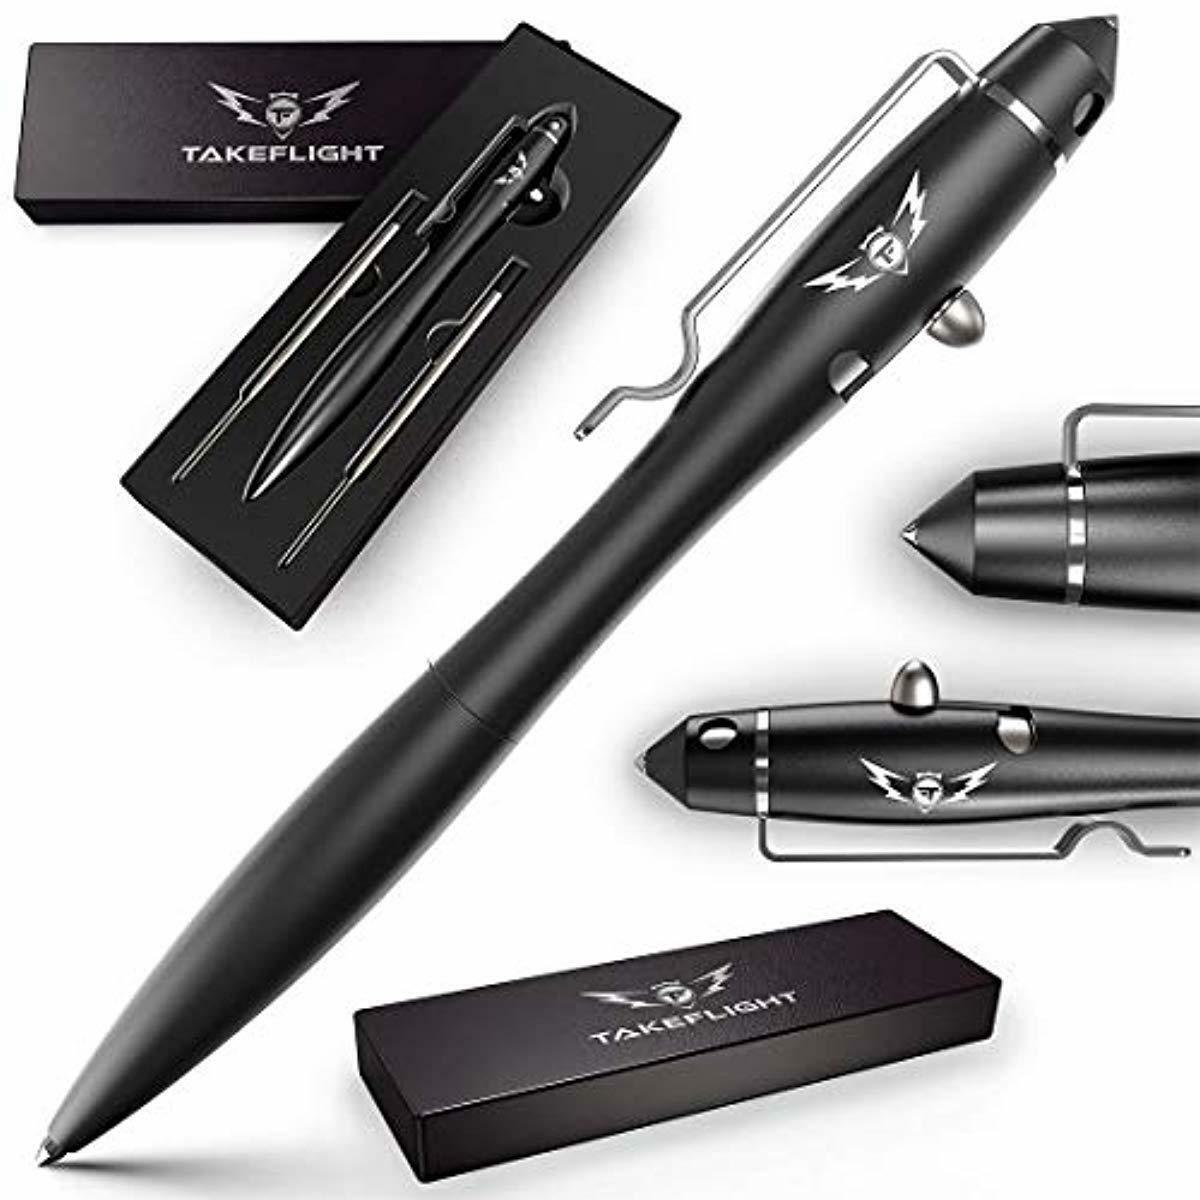 Tactical Pen Bolt Action Pen - EDC Pen for Self Defense for